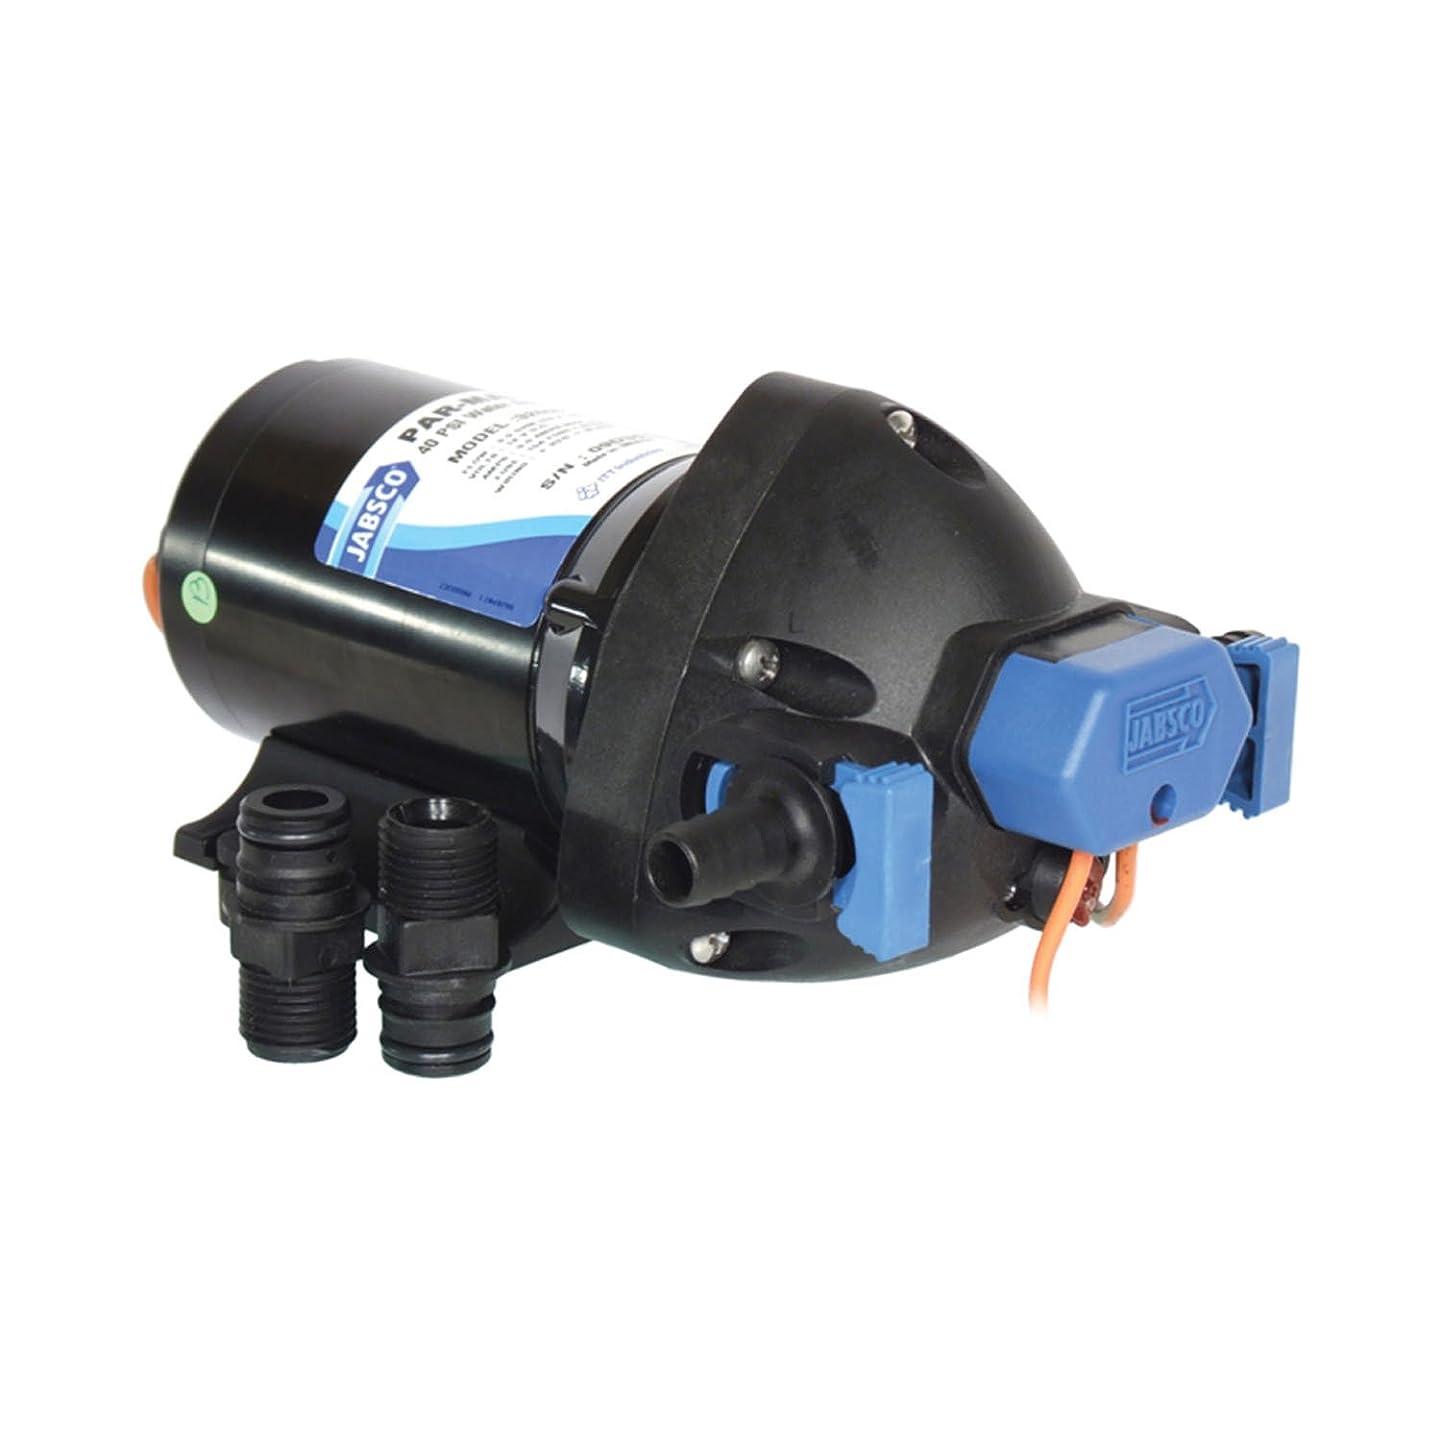 Jabsco Rule Industries 32600-0092 Parmax 3.5 Gpm Water Pressure